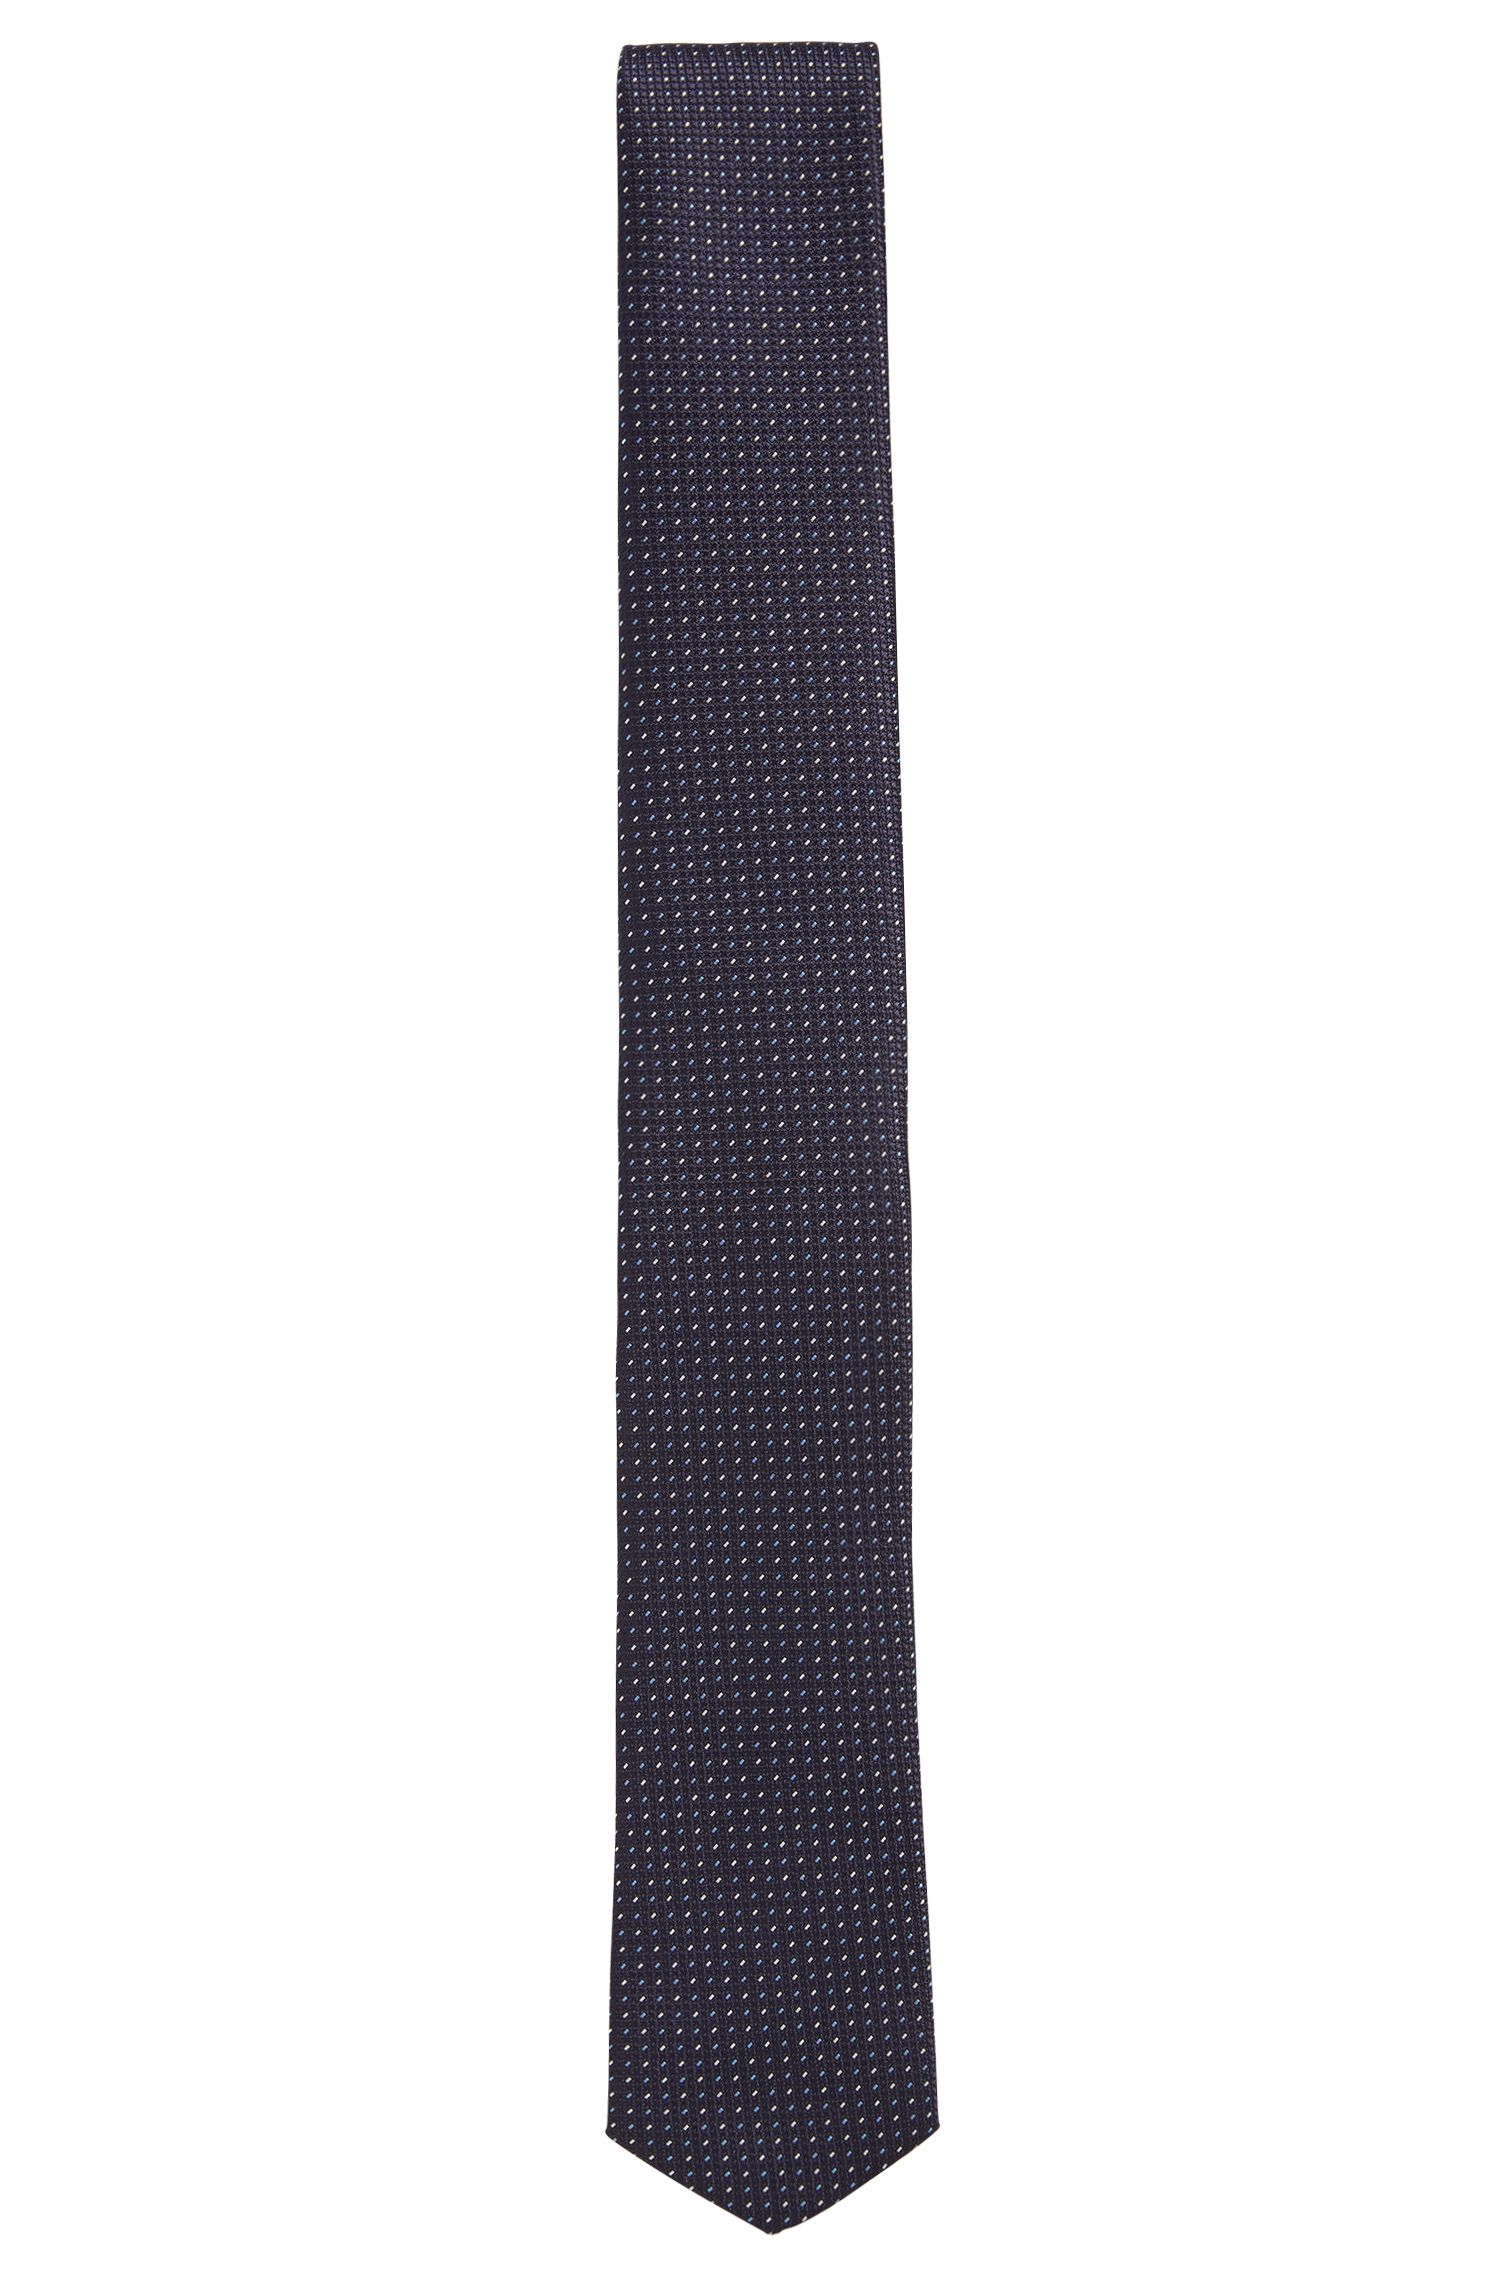 Gepunktete Travel Line Krawatte aus wasserabweisender Seide: 'Tie 6 cm traveller'